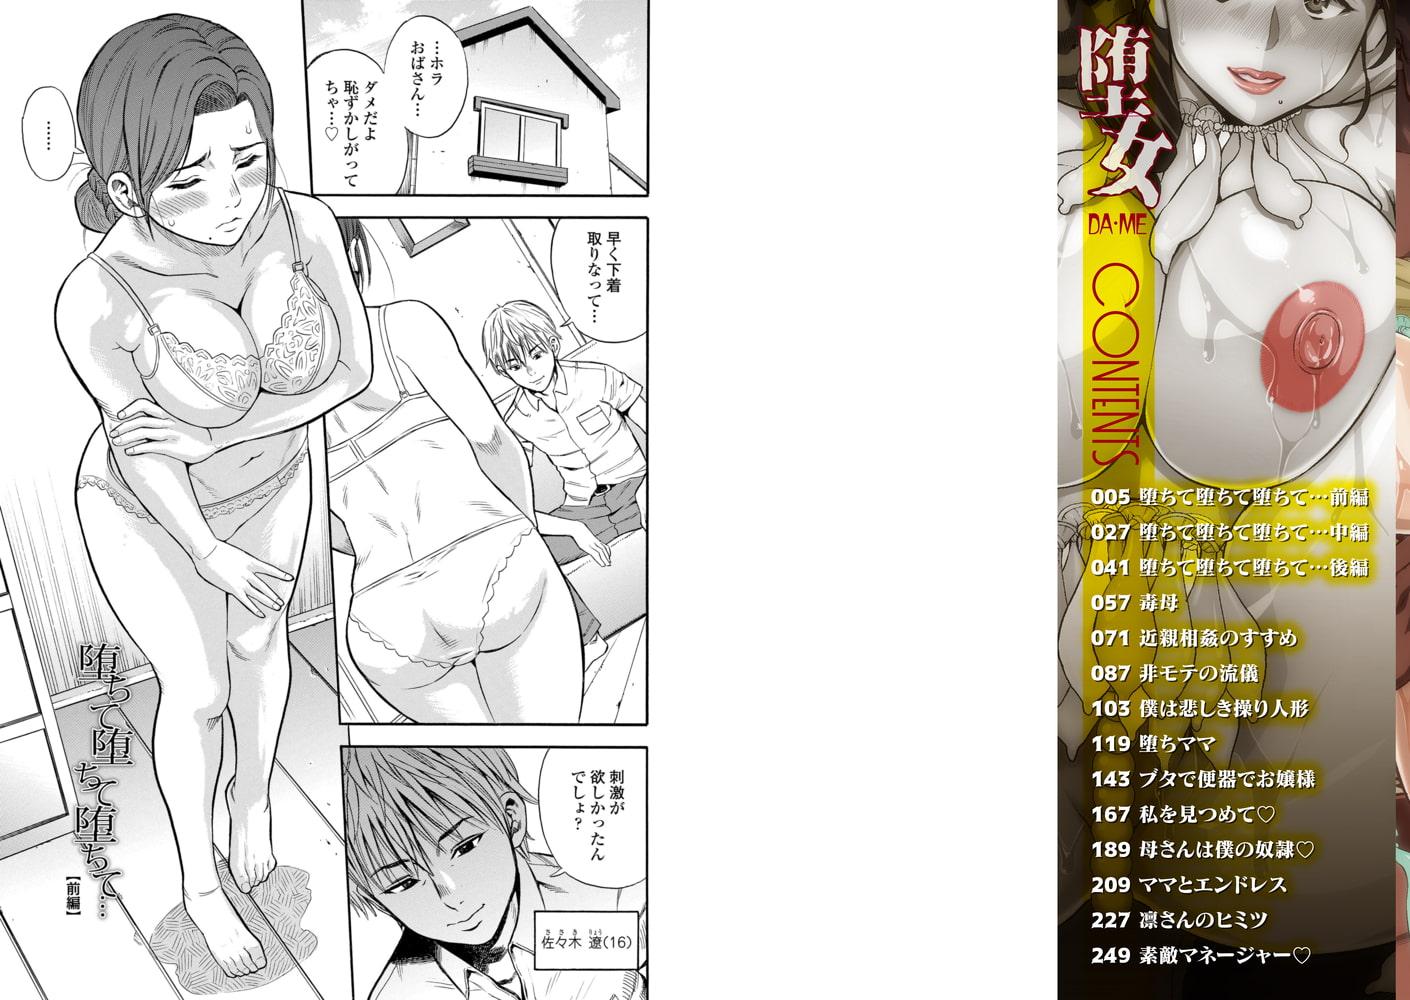 【茜新社】ザキザラキ先生2冊パック(202005)